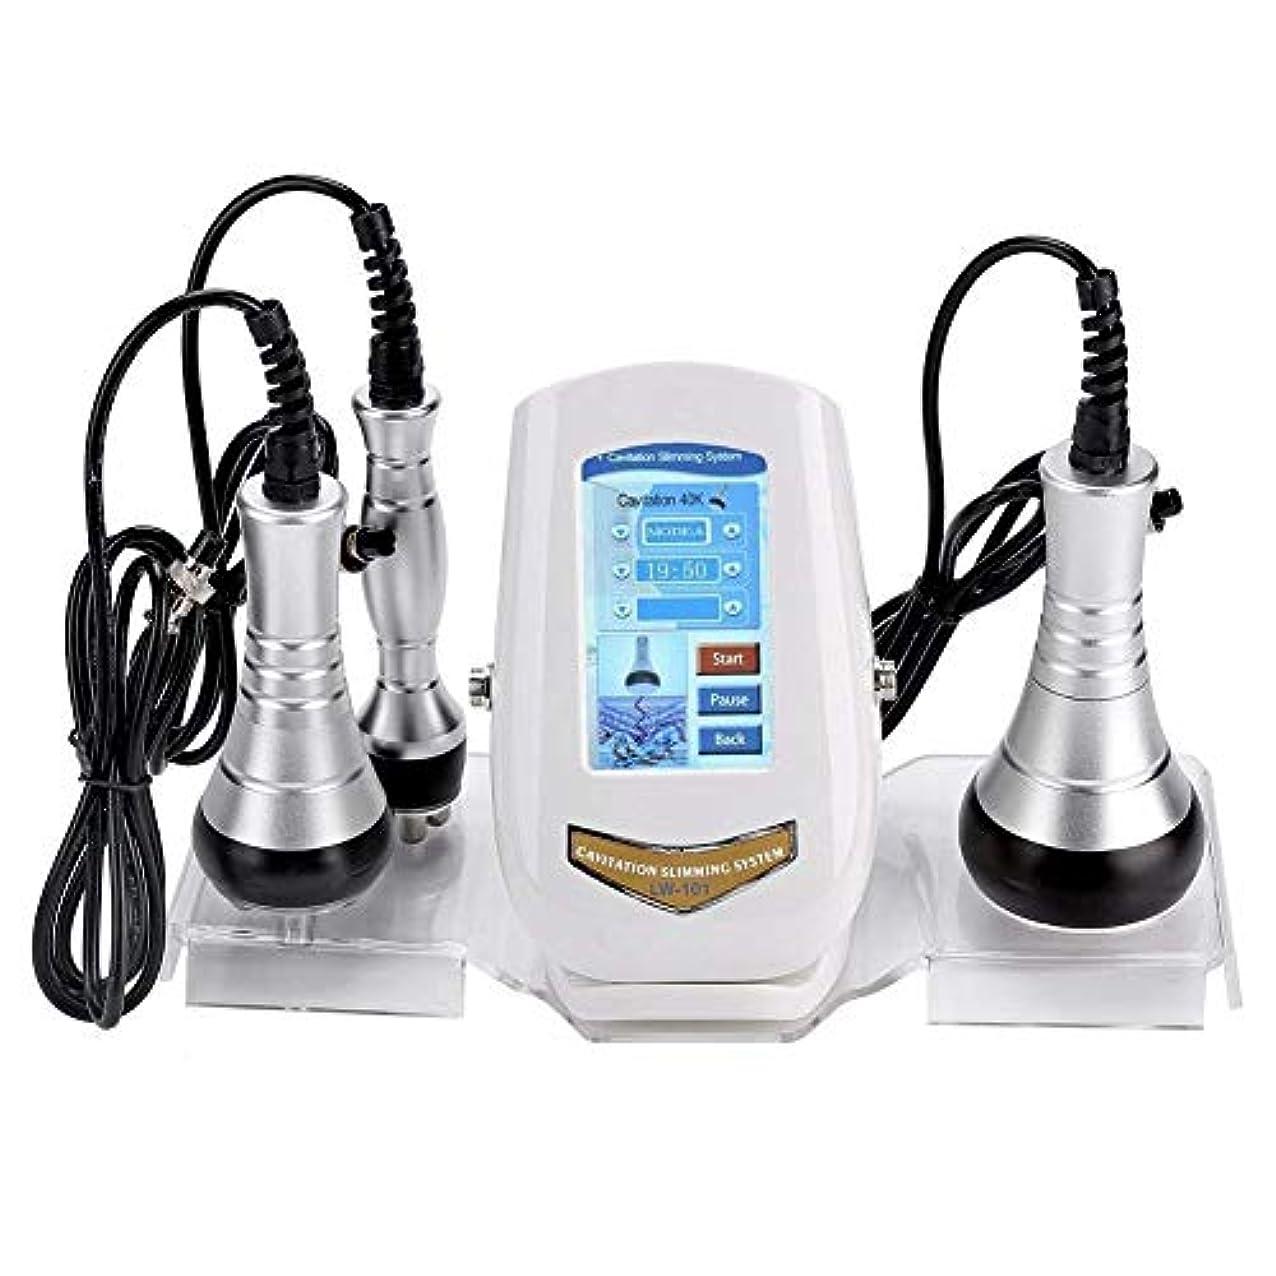 メールを書く腰自治脂肪燃焼美容機、超音波振動+ EMS +赤外線3 in1キャビテーションボディ痩身デバイス、スキンケアアンチセルライトラジオ周波数肌を引き締める機EMSフェイスアームレッグウエストヒップケア